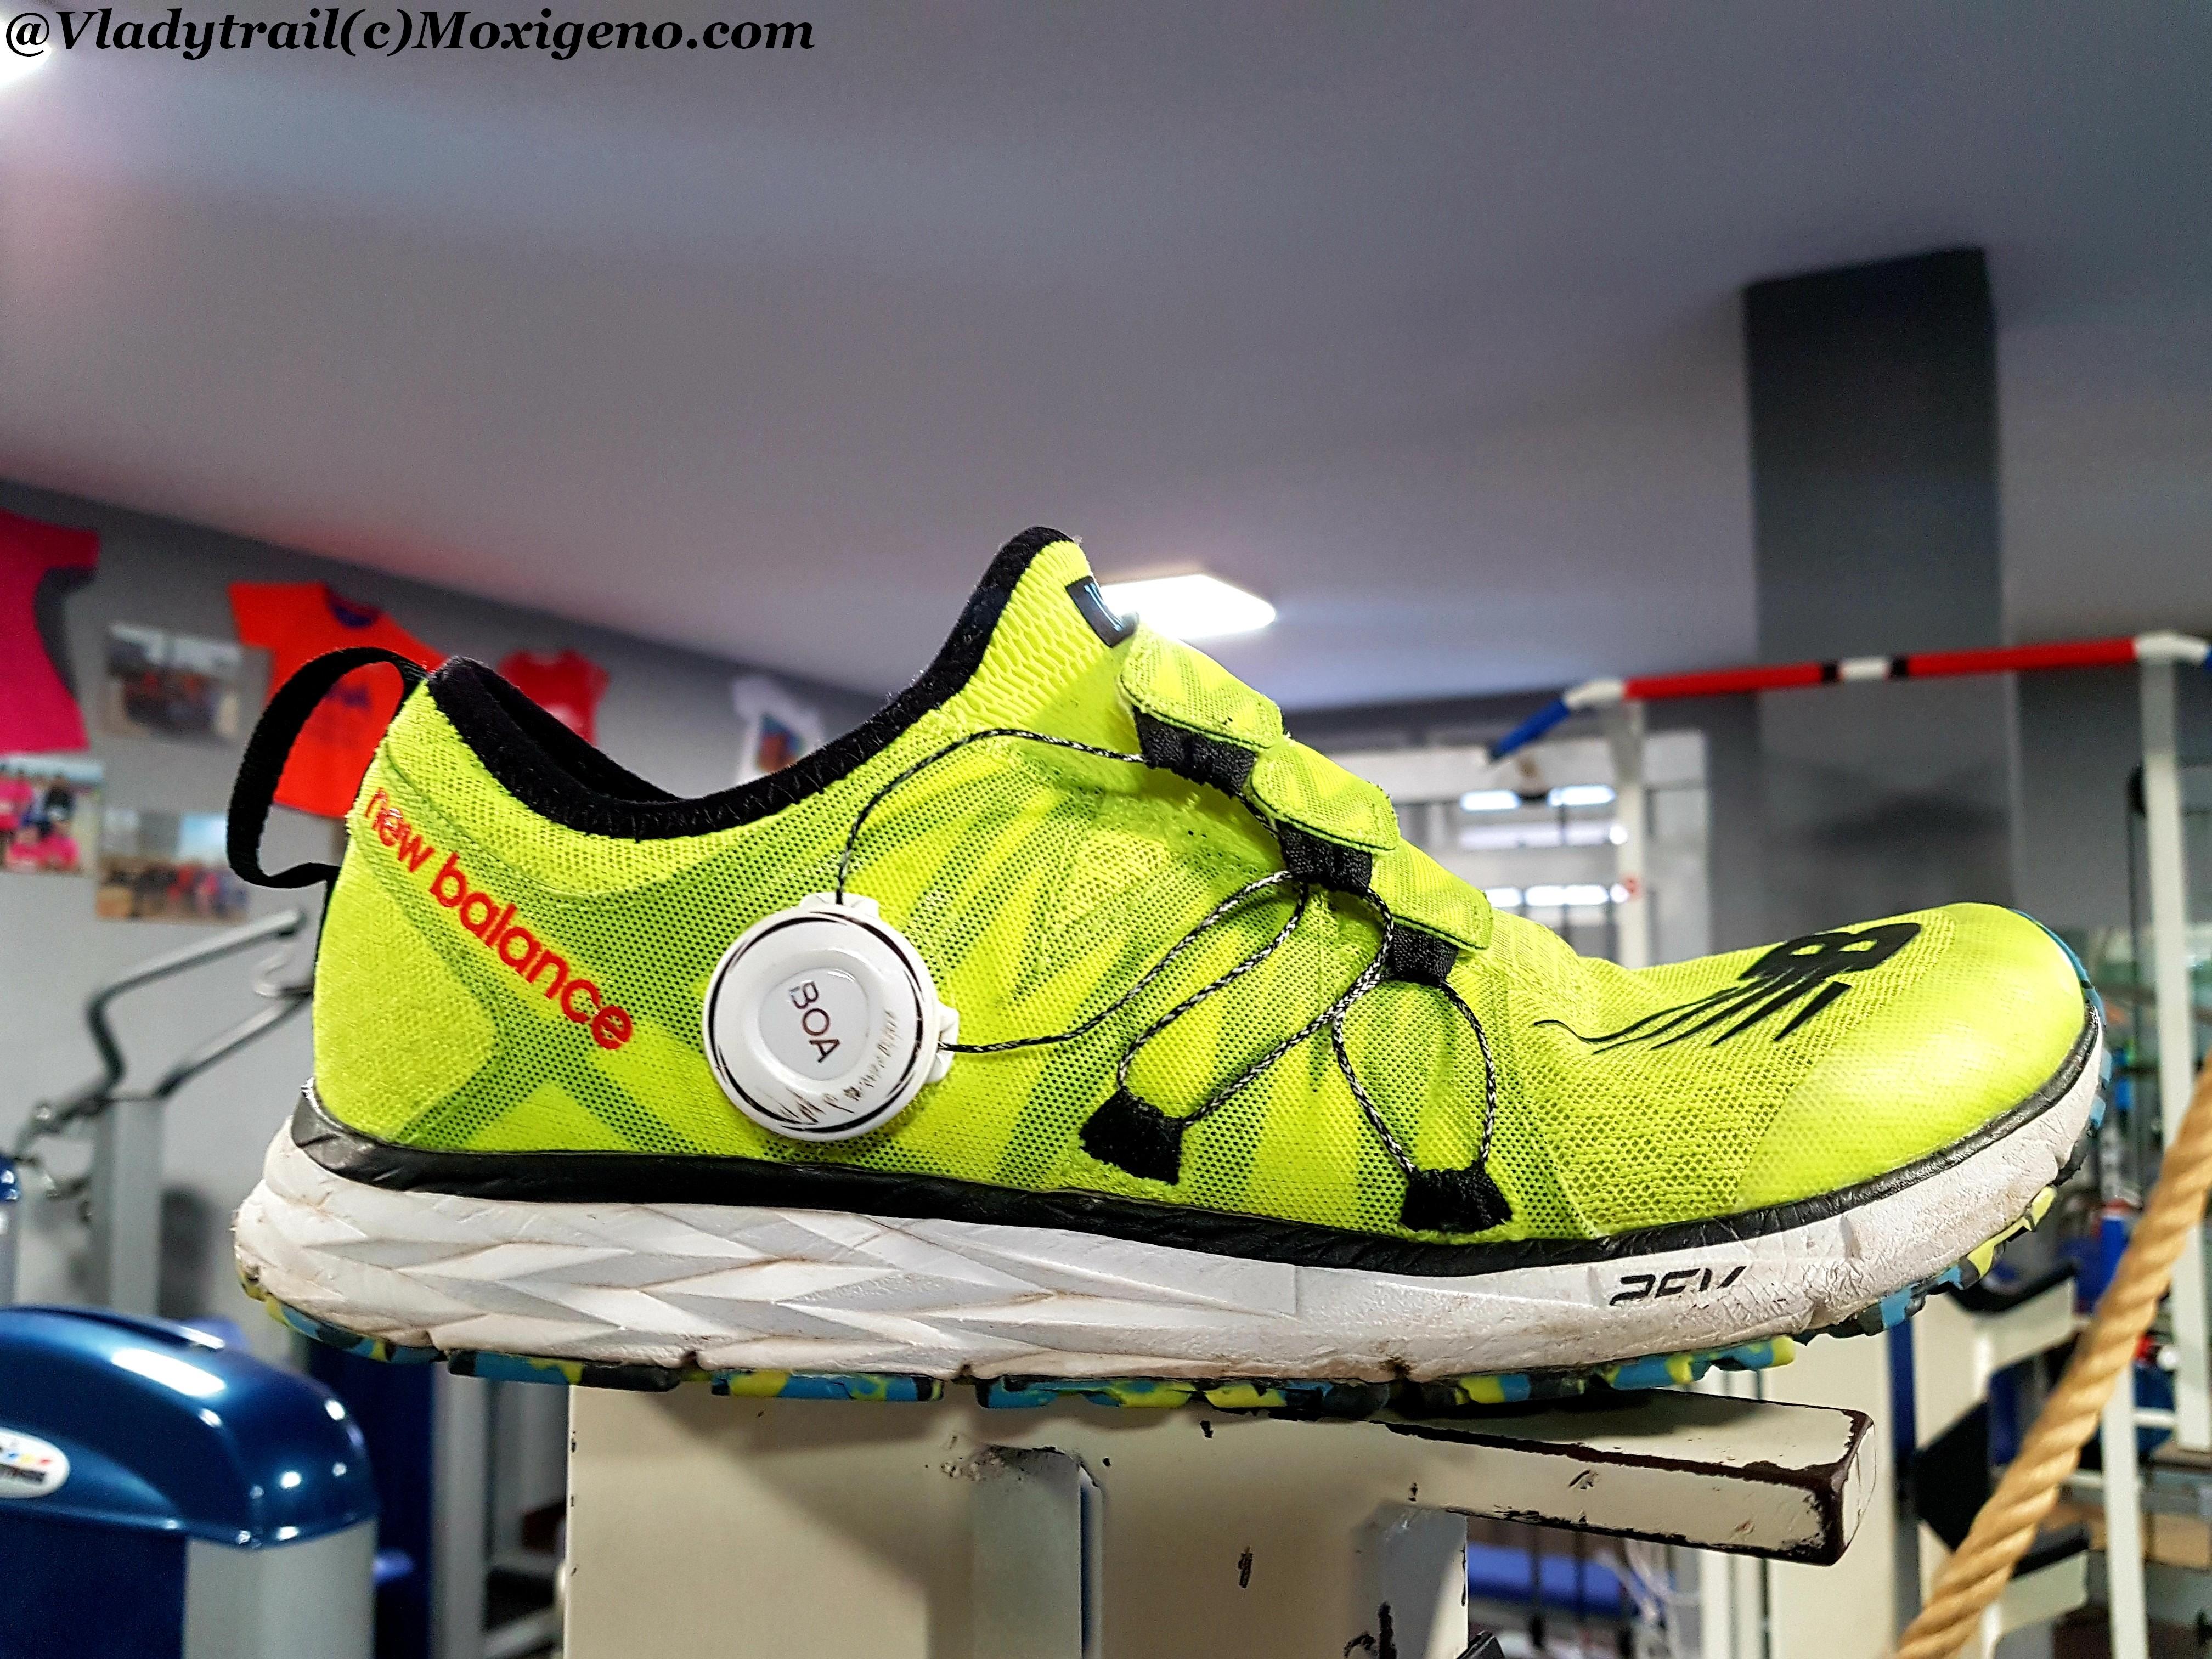 NEW BALANCE 1500 T2 (240gr/Drop 6): Zapatillas running Voladoras de asfalto con cierre BOA. PRUEBA 200KM POR @VLADYTRAIL